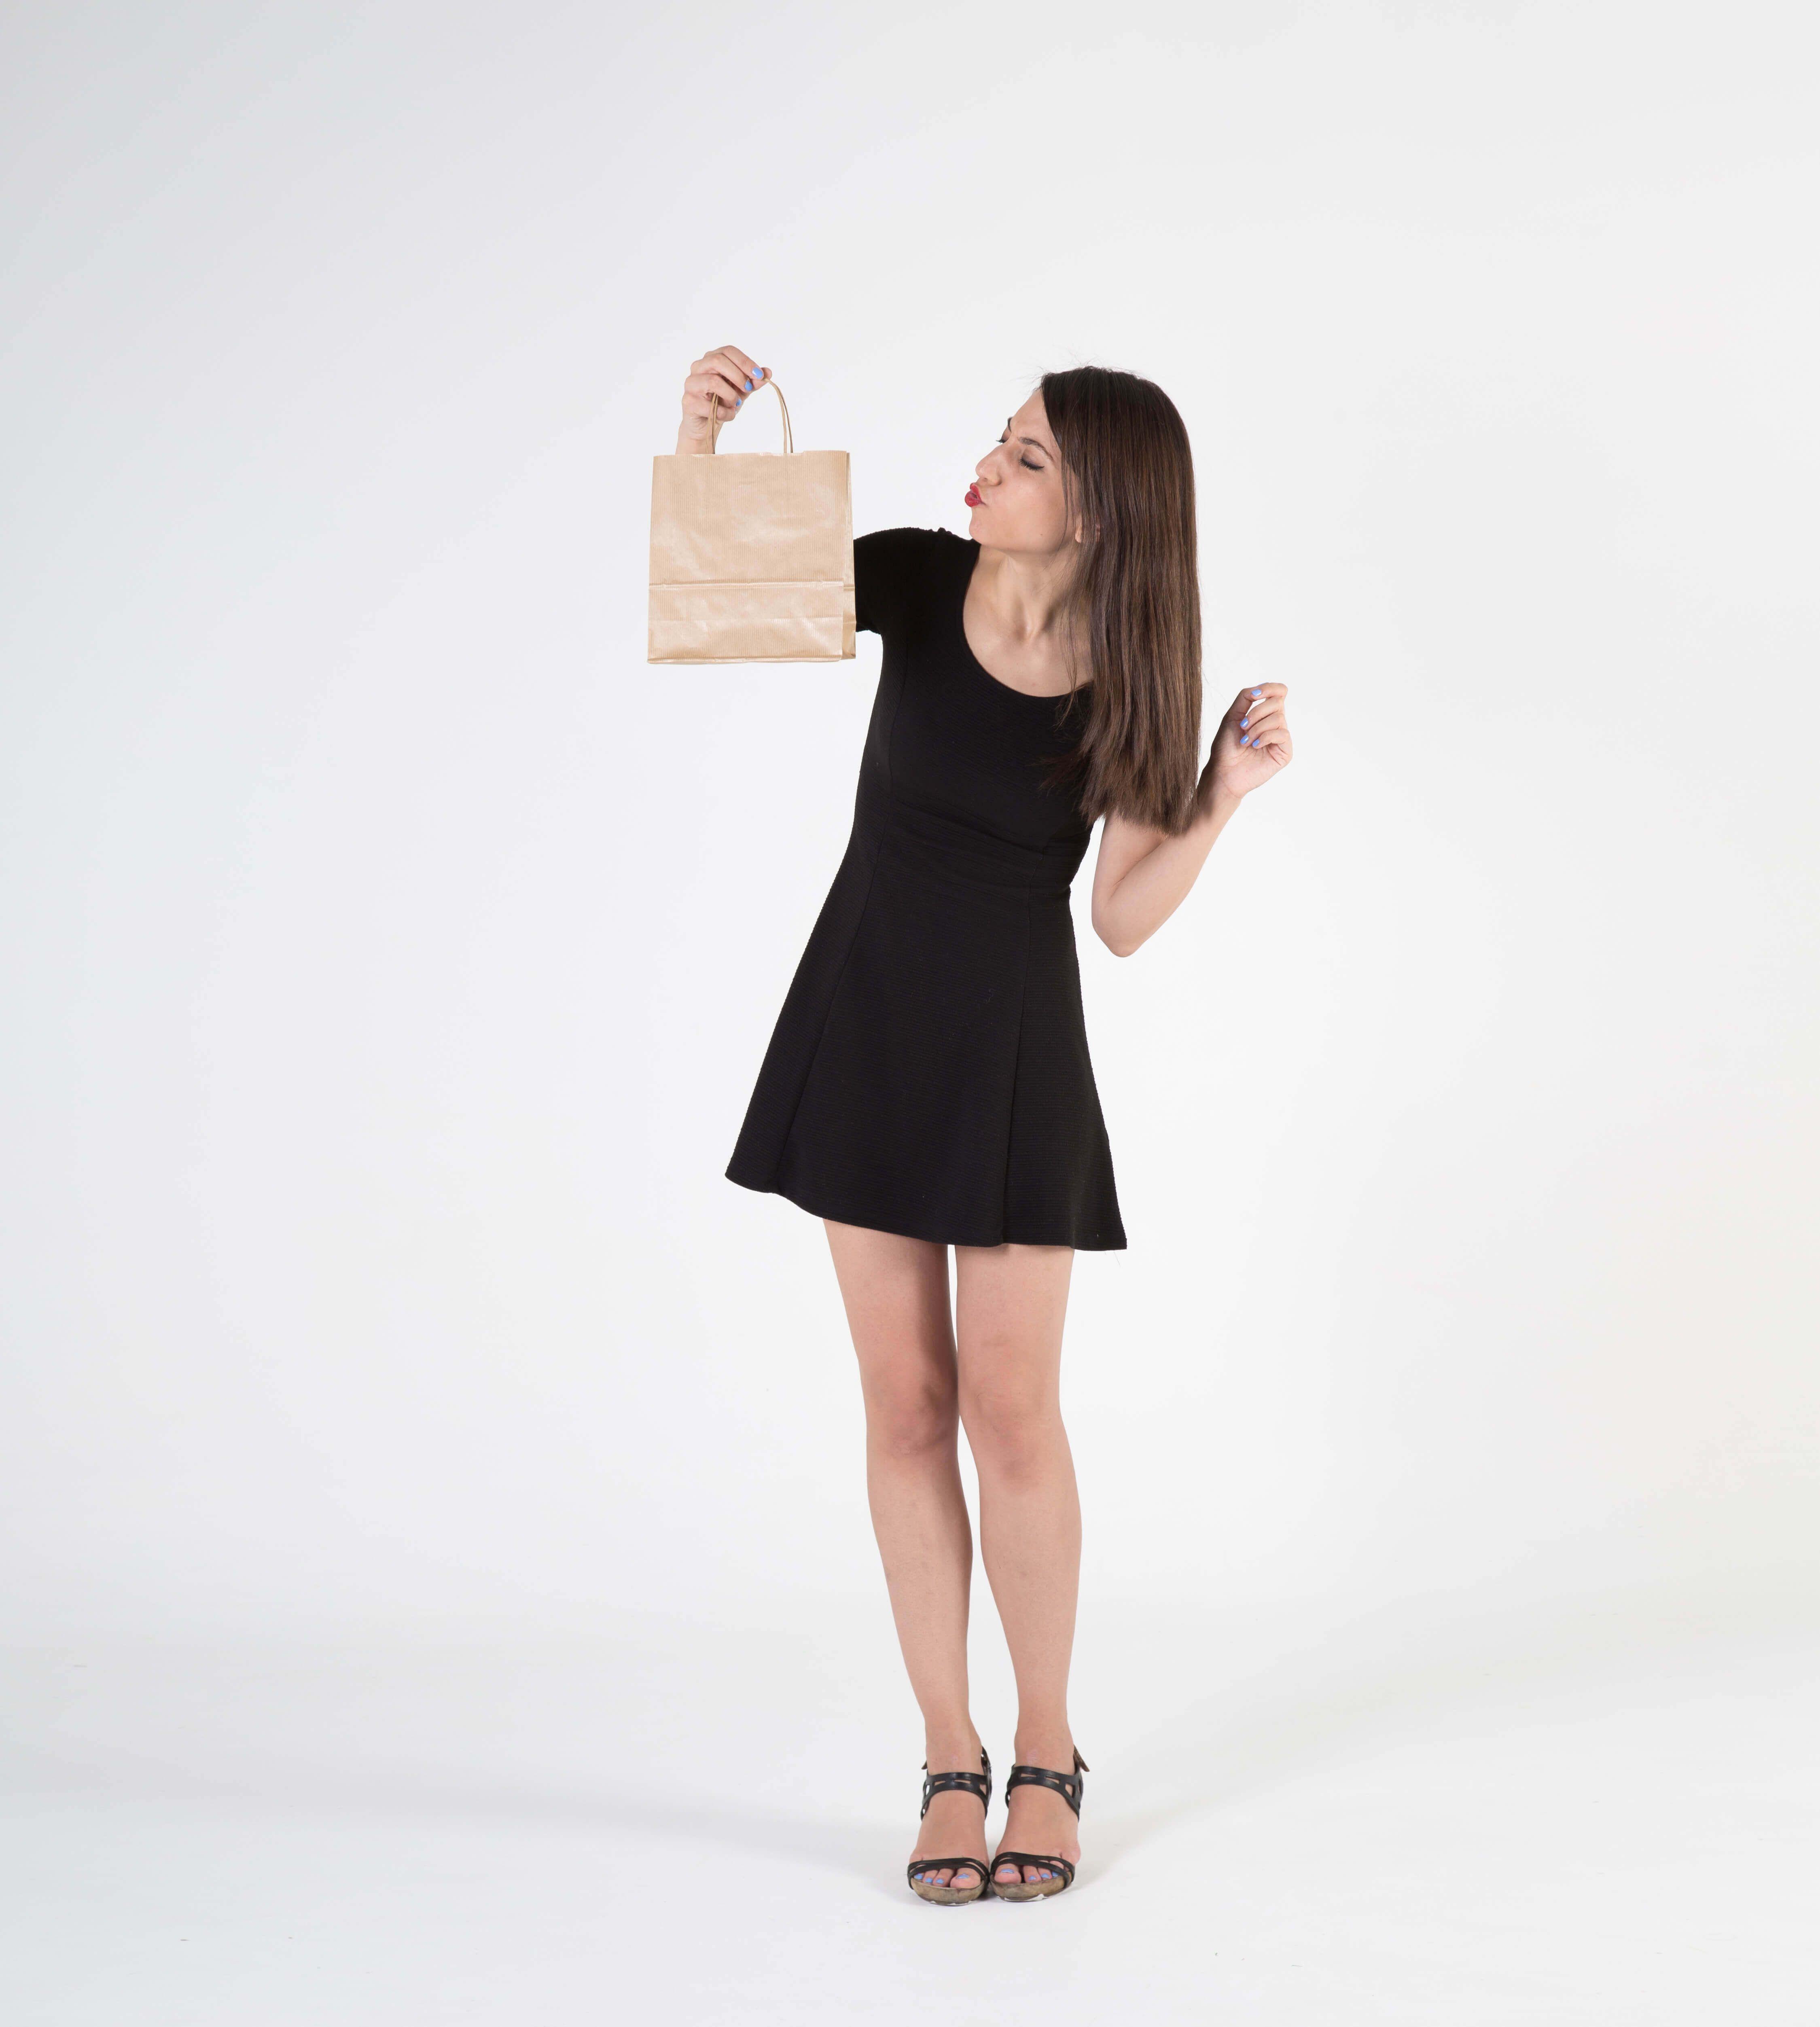 Fotografia Bolsas de papel, biodegradables y reutilizables